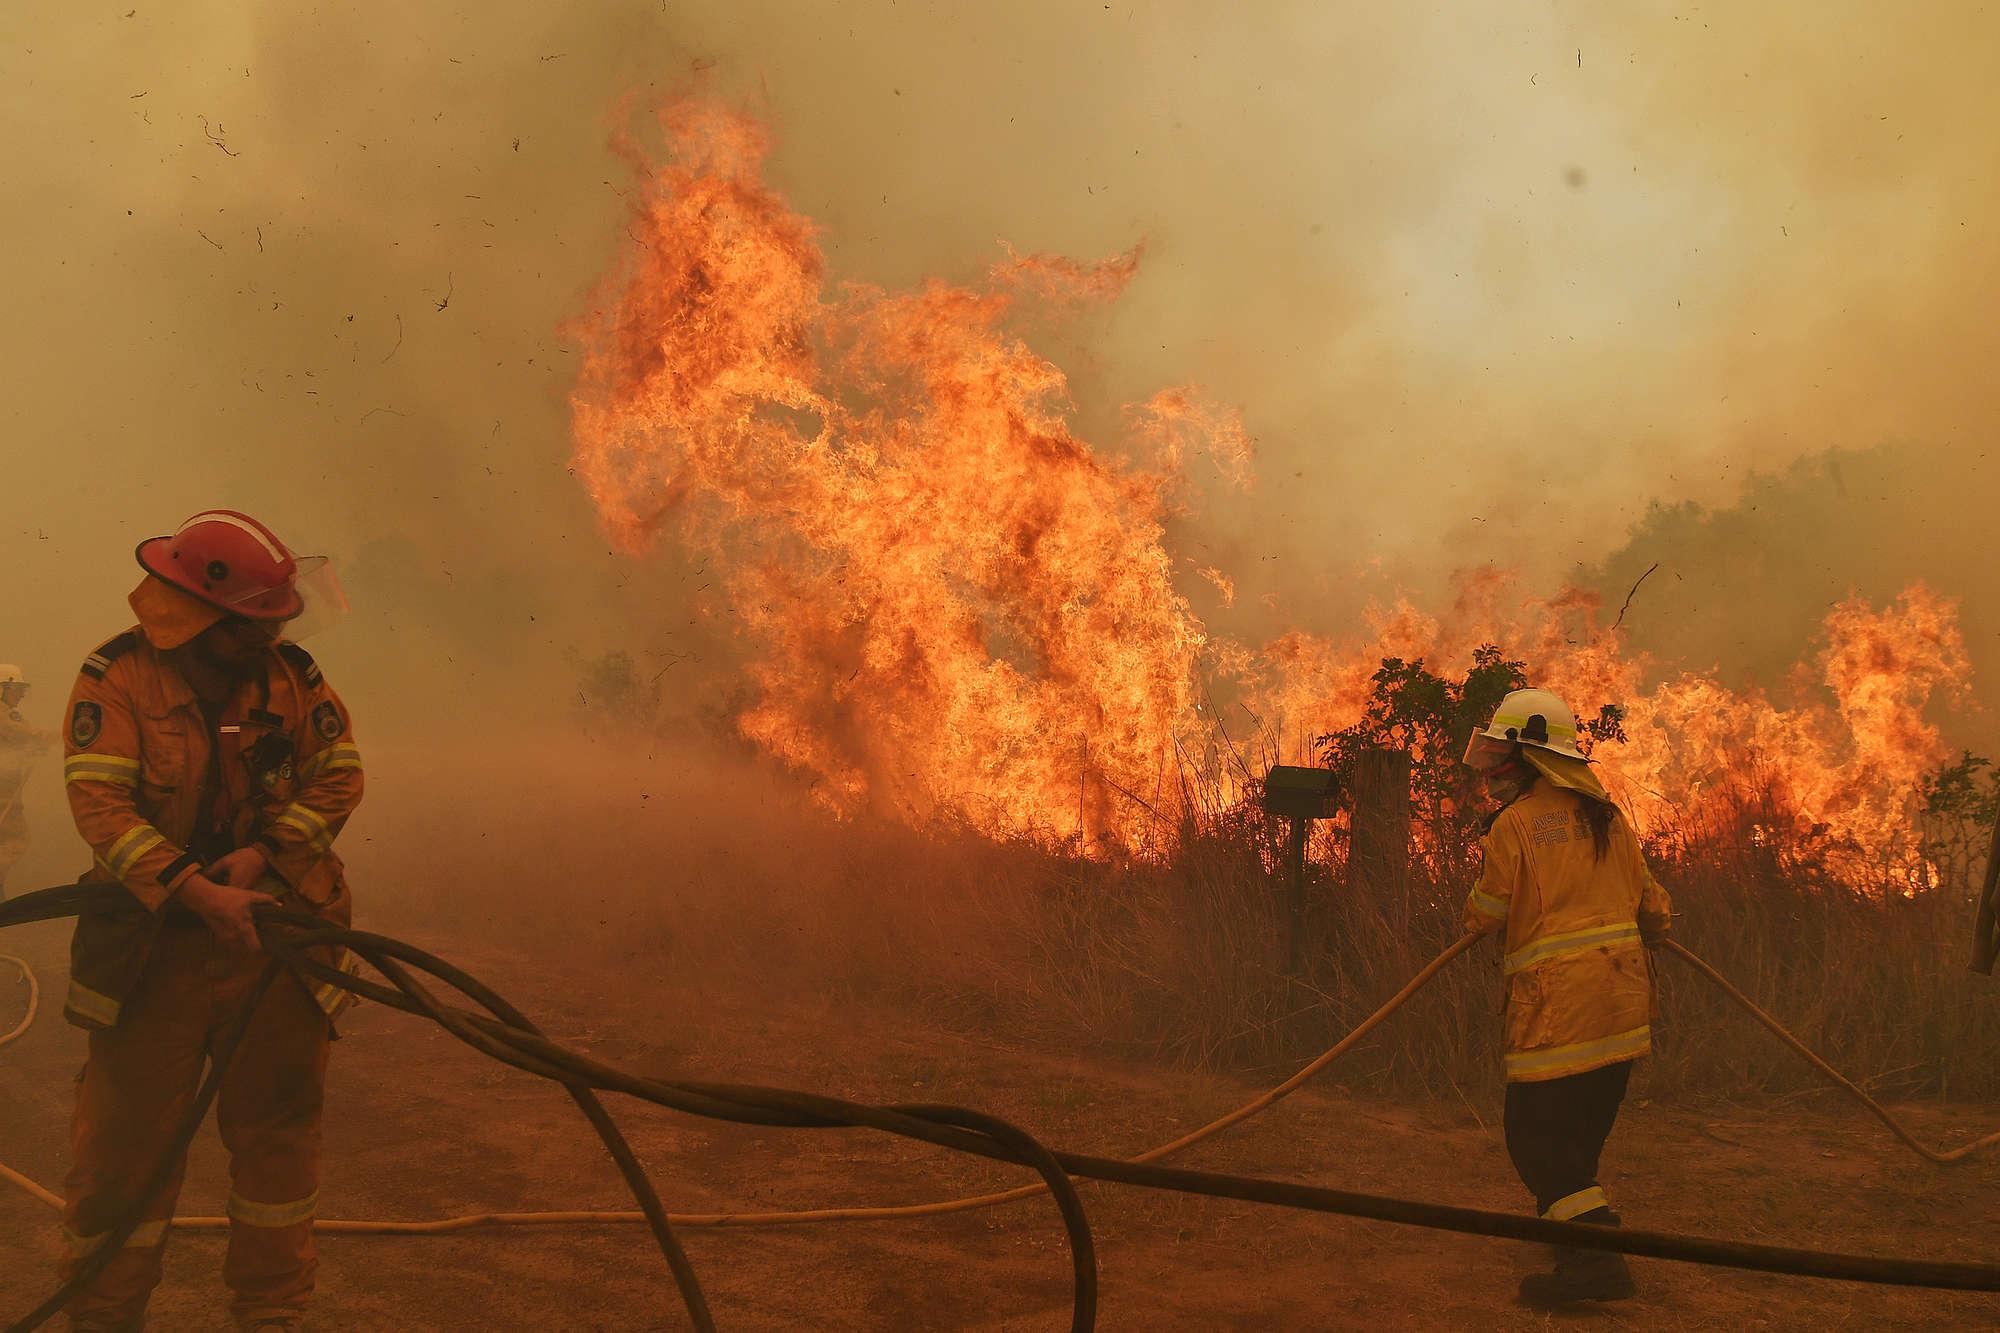 Strażacy walczący z pożarem buszu w Hillville w Australii.